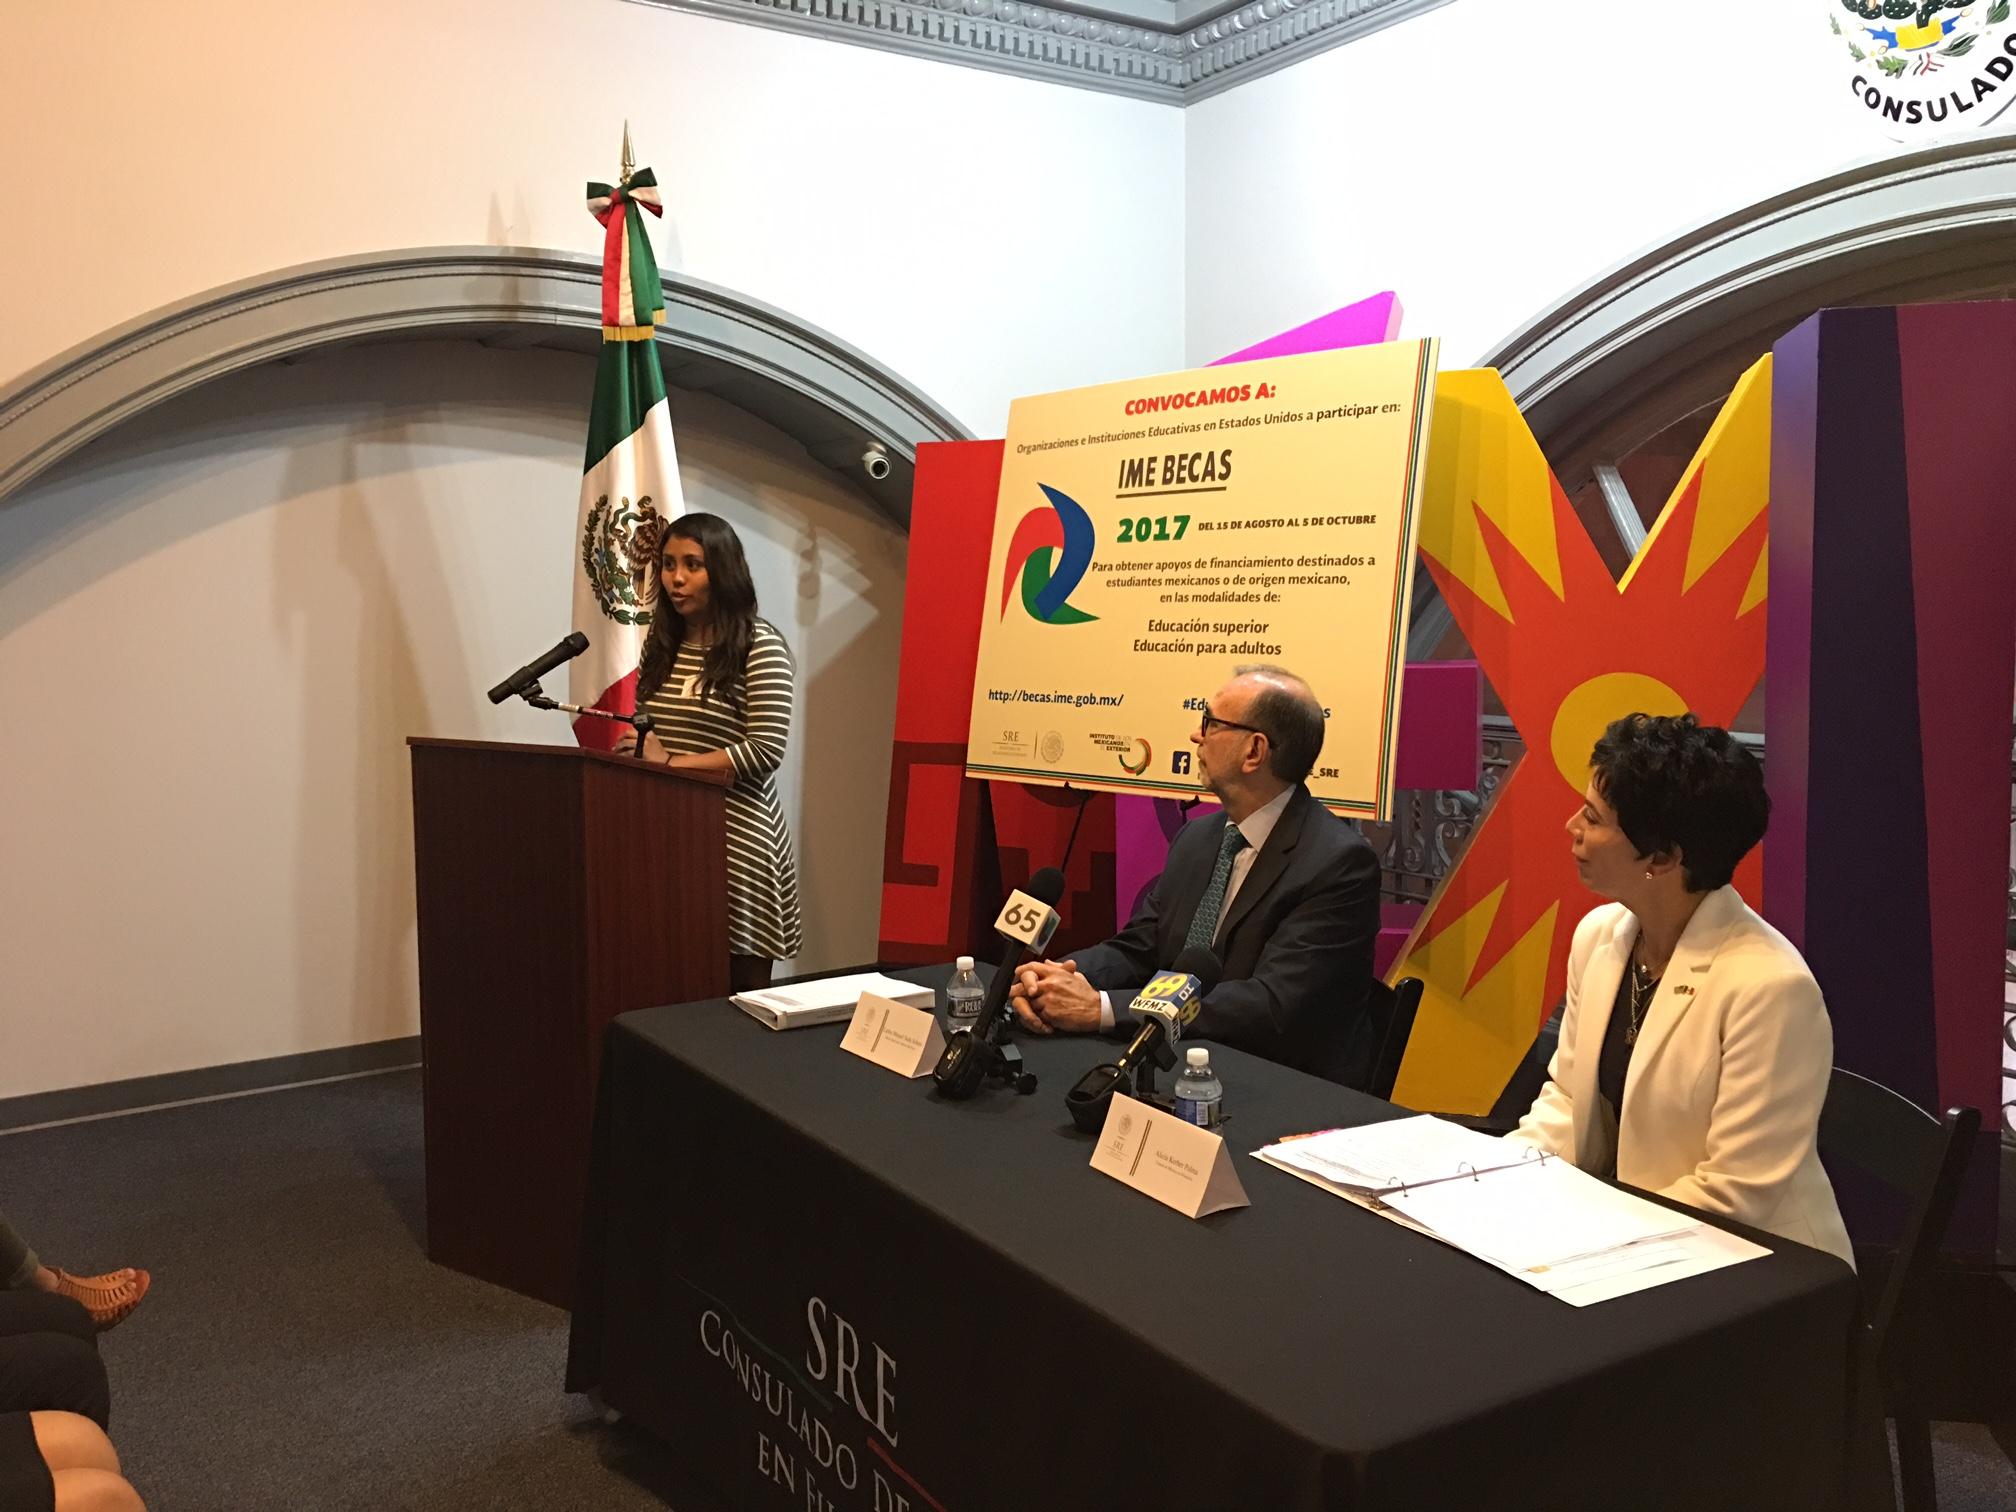 Subsecretario Carlos Sada Lanza Convocatoria Ime Becas 2017 Instituto De Los Mexicanos En El